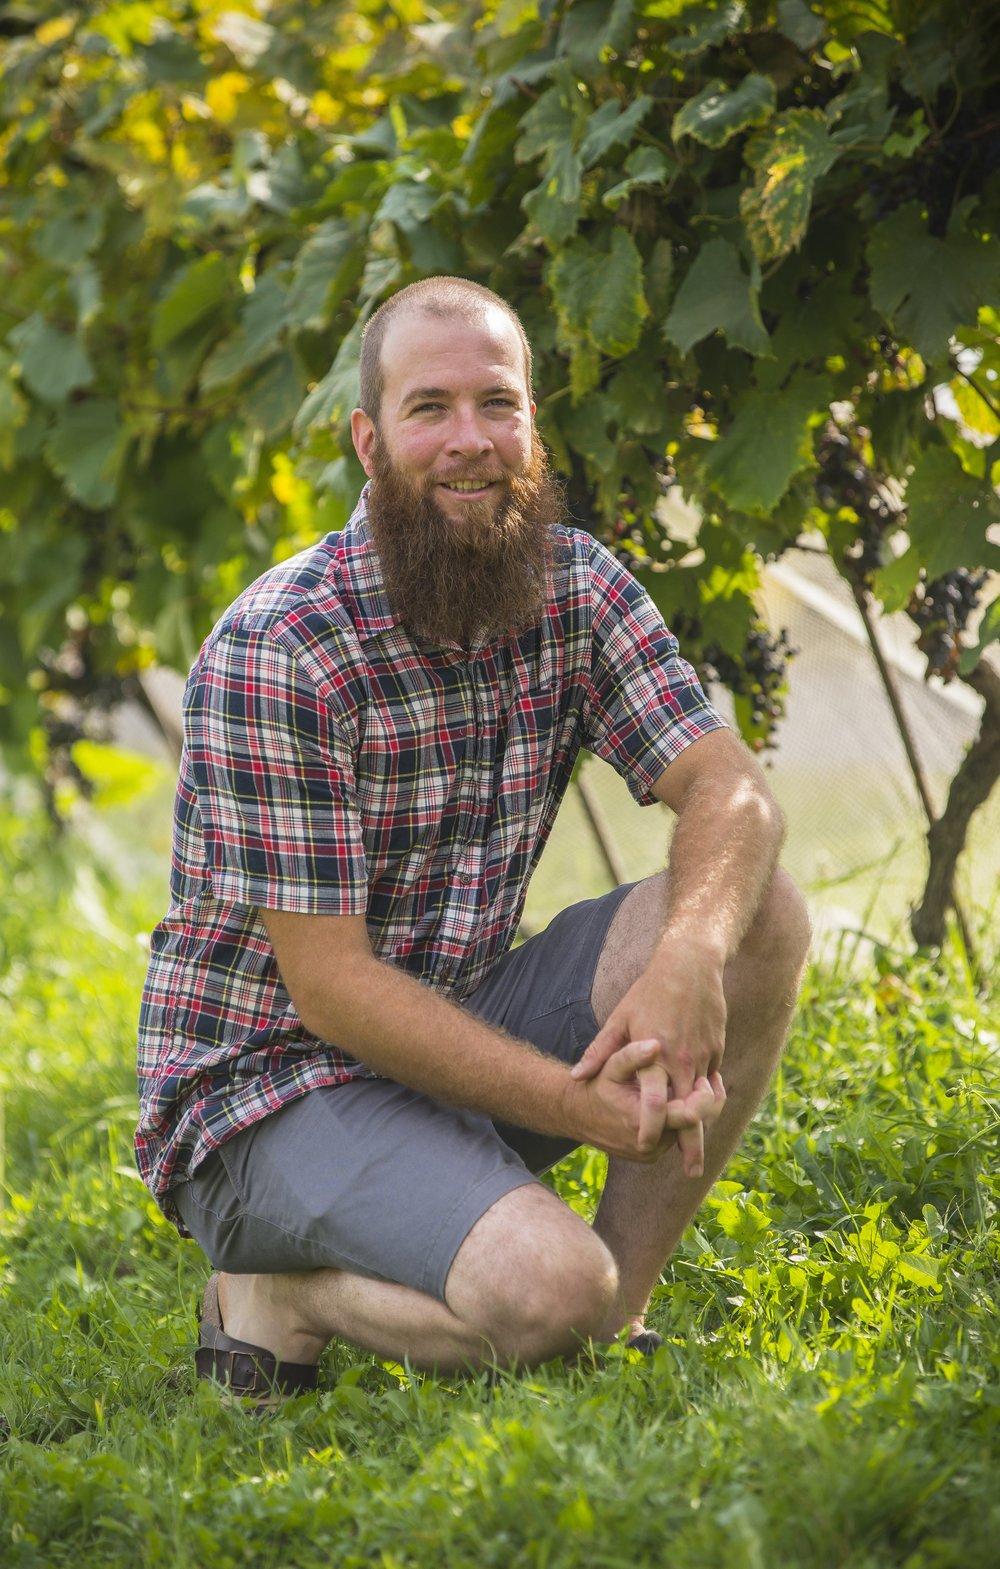 Vinificateur / Vigneron - Jan-Daniel Etter - Il a été élevé sur une ferme laitière à Sarsfield. De 2005 à 2011, il a effectué des séjours au Vully en Suisse pour travailler au vignoble familial avec son cousin et son oncle. Il a pu apprendre la base de la viticulture et l'élaboration des vins.De retour au Canada, il débuta une collaboration avec le propriétaire du Domaine Perrault, Denis Perrault et son vinificateur Bernard Martineau. À l'aide de leurs conseils et connaissances, Jan-Daniel a réussi à produire des vins artisanaux de haute qualité.